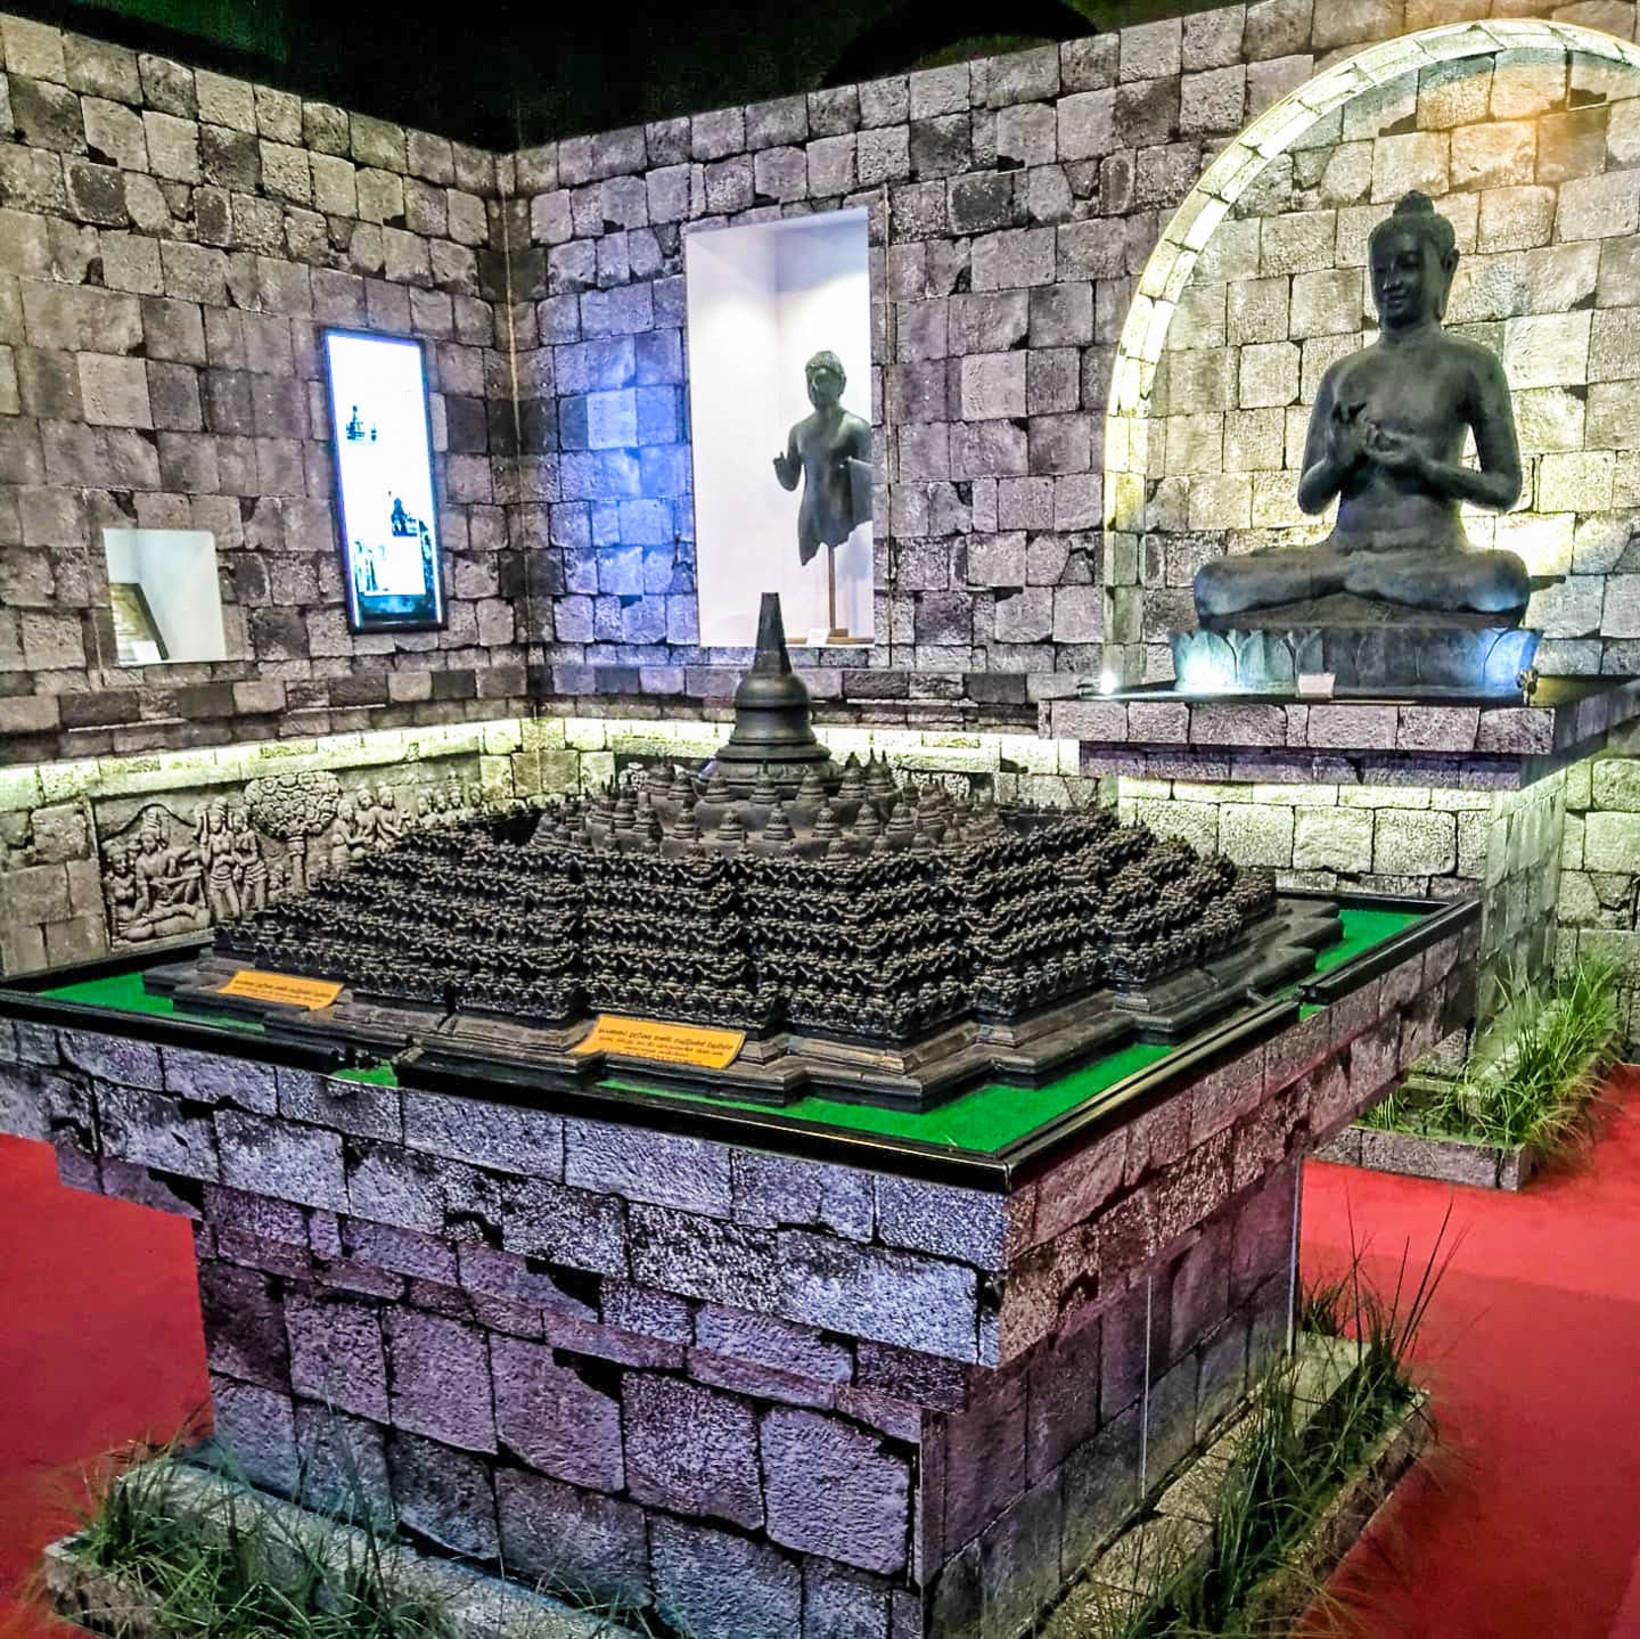 International Buddhist Museum, Kandy